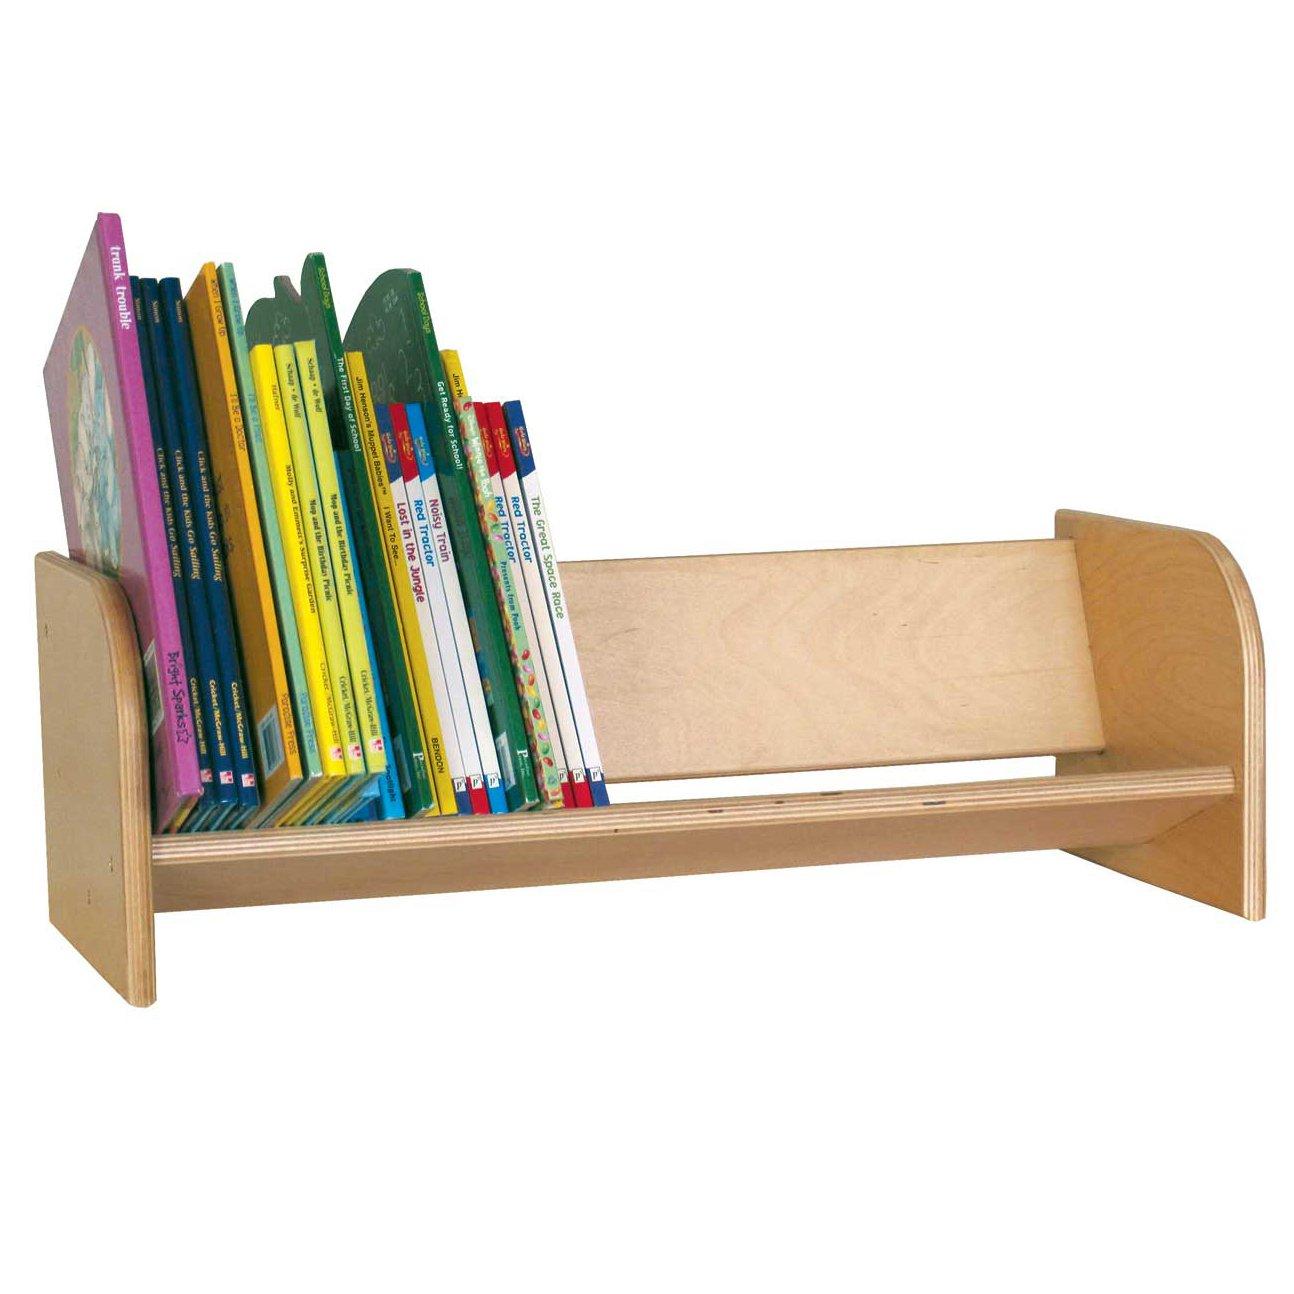 Wood Designs WD13900 Book Display Rack, 8 x 24 x 10 (H x W x D)